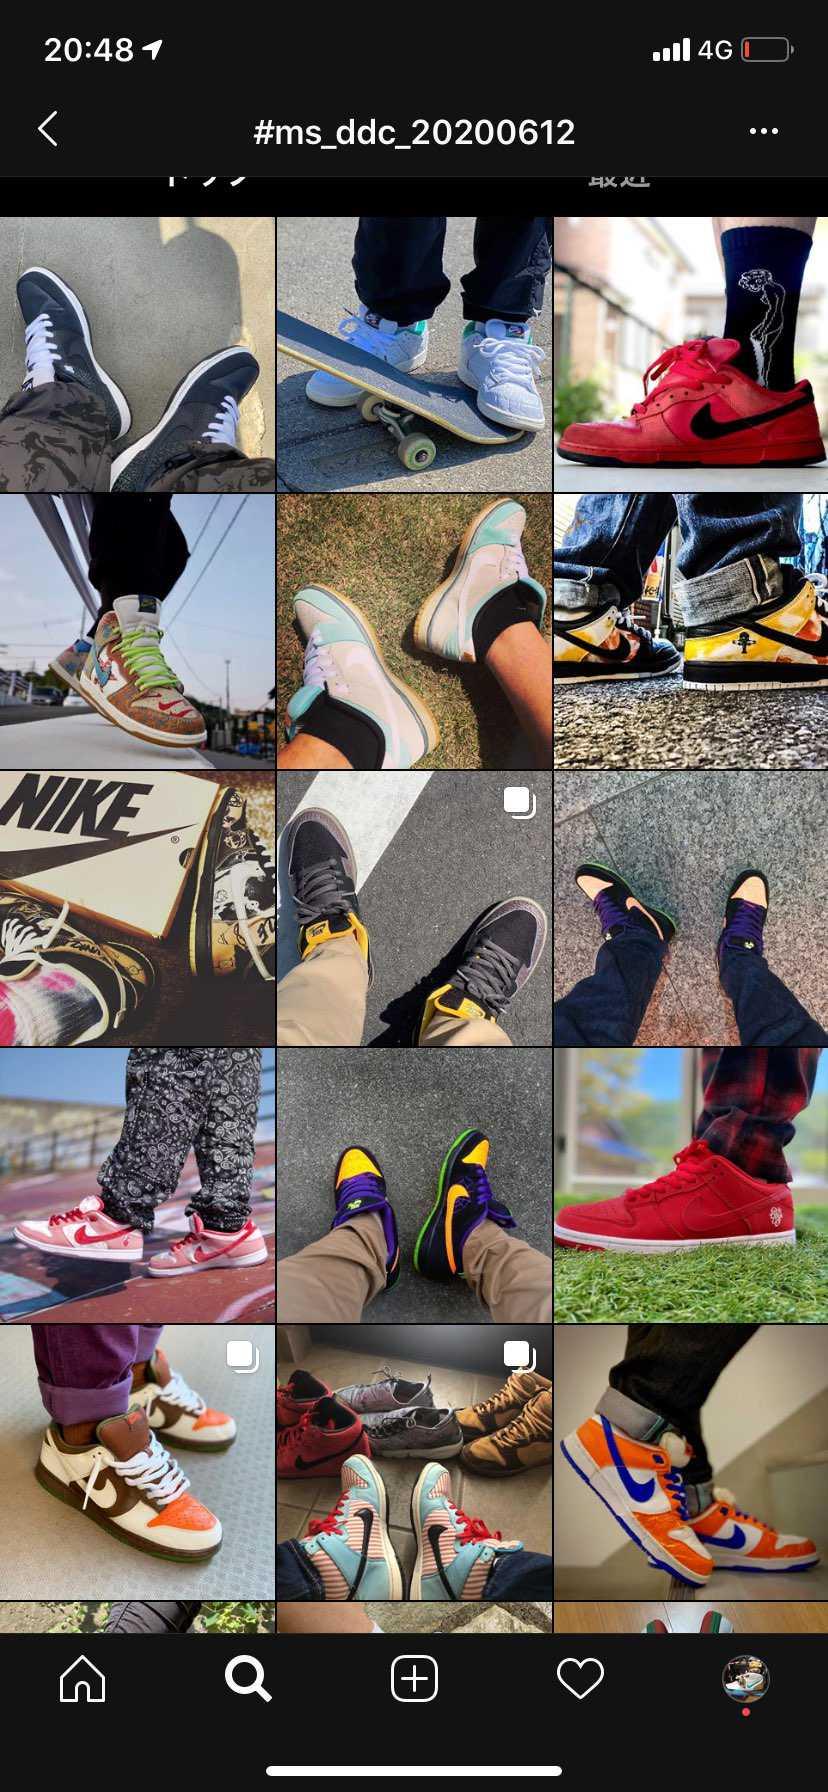 ミタ的にはセーフなんですかね。つい最近発売された靴は少し違うような気がしますが。